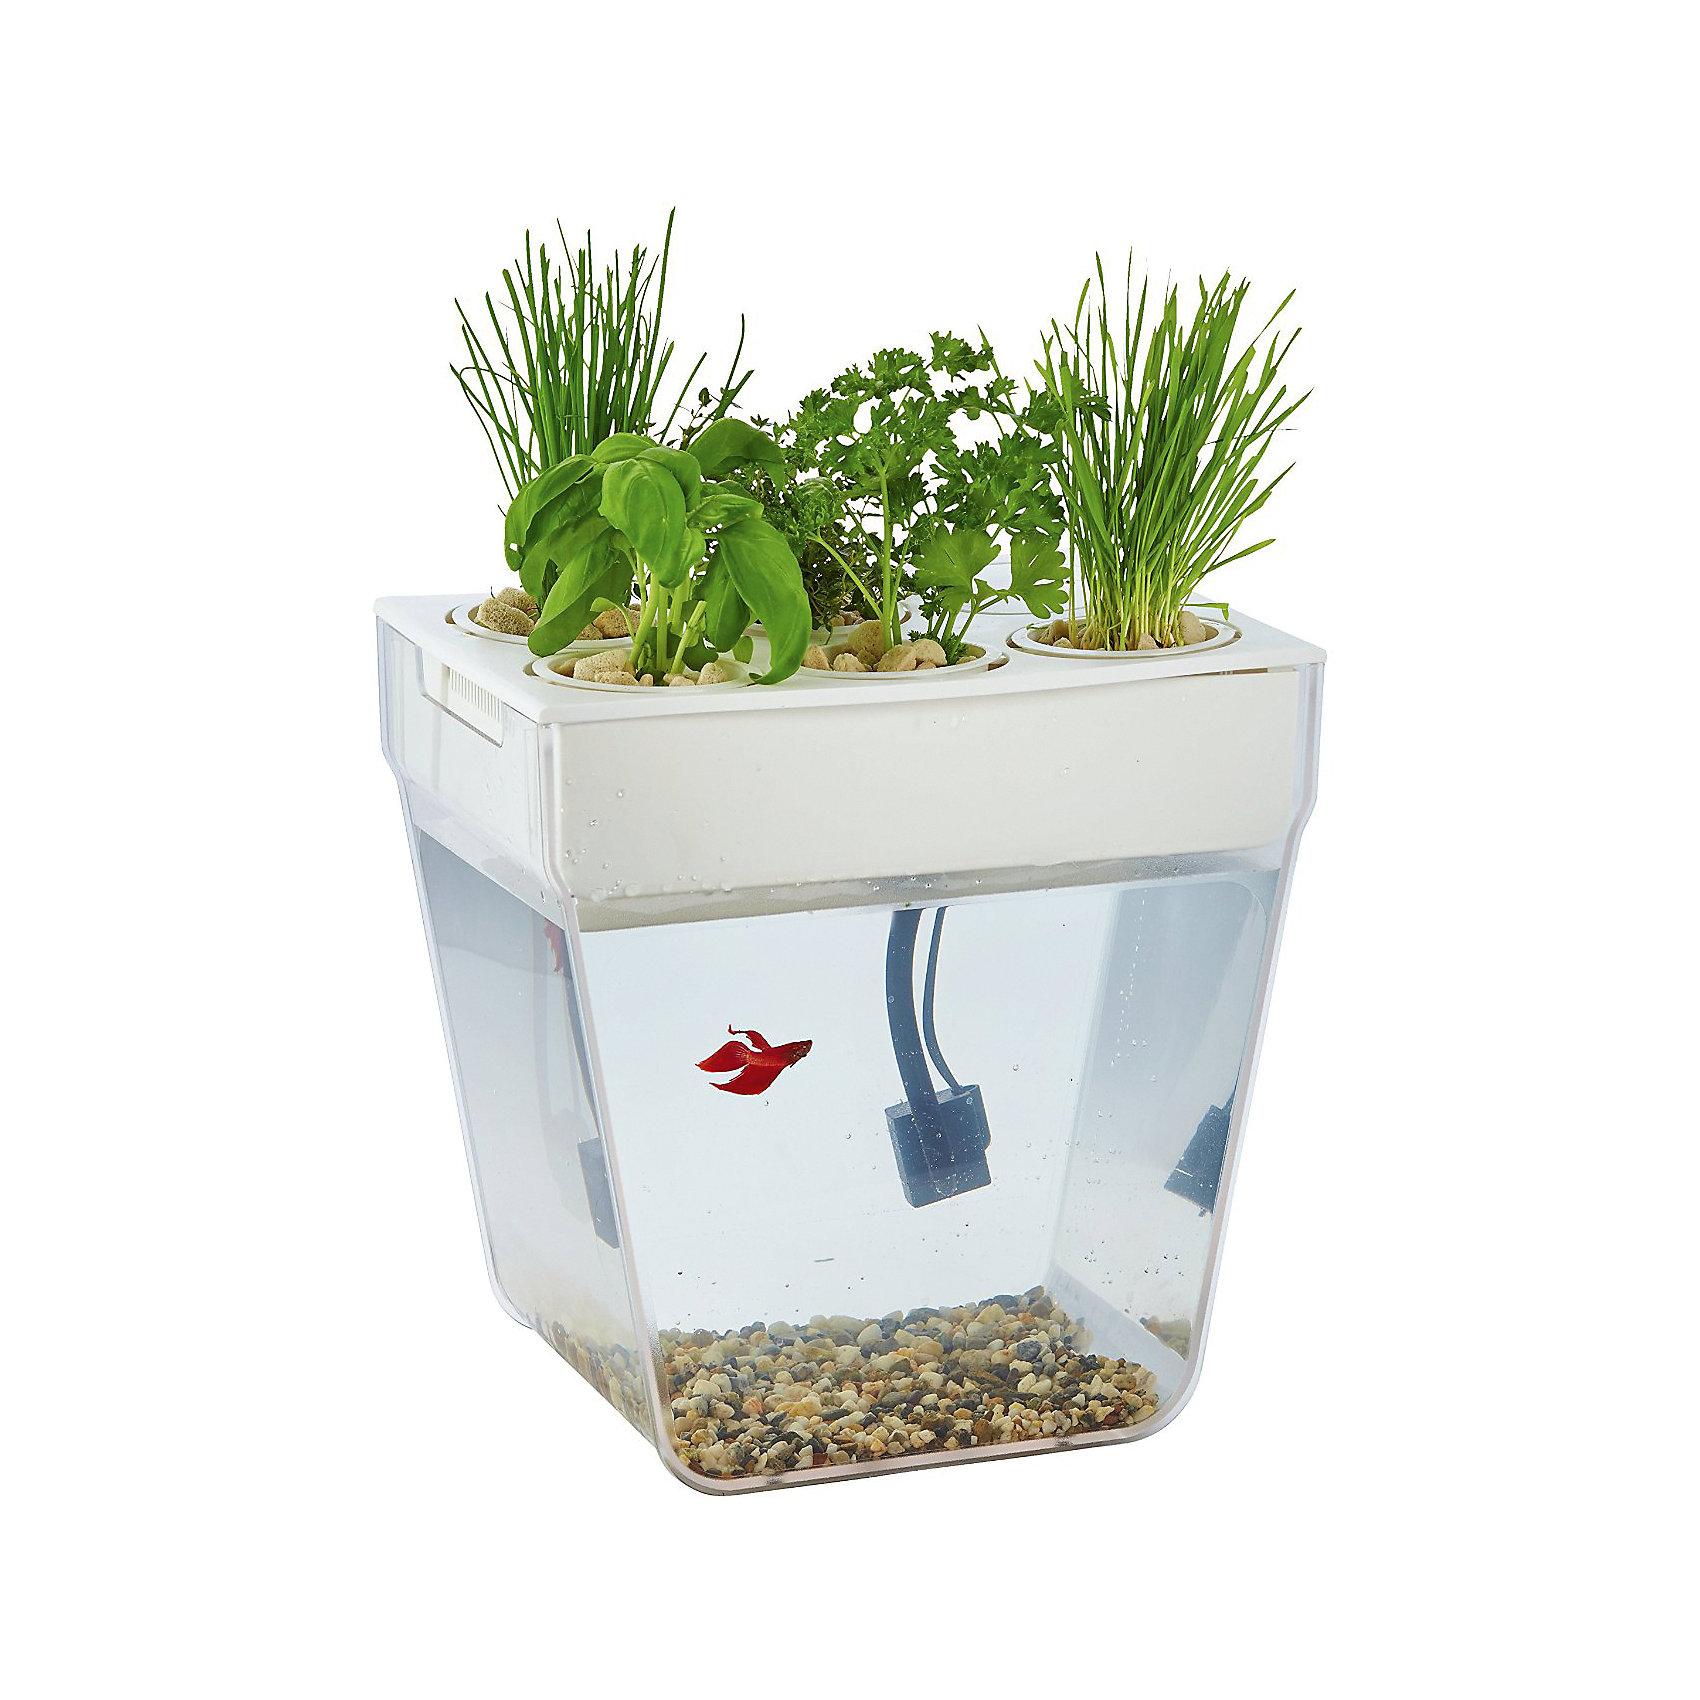 Aquafarm - Акваферма, Назад к истокамВыращивание растений<br>Акваферма – уникальный синтез аквариума и площадки для разведения растений.  Она представляет собой замкнутую экосистему, поддерживающую баланс между растениями и рыбкой. Это самоочищающийся аквариум, который выращивает урожай. Система регулирует сама себя. В набор Аквафермы входит все необходимое для создания полноценной эко-фермы. Просто добавьте рыбку!<br><br>Как «оживить» Акваферму? Просто заполните поддоны субстратом, высадите растения и наполните водой резервуар. Все приготовления займут не более часа. И, наконец, включите Акваферму в розетку, запустите любимую рыбку и не забывайте кормить ее. В остальном система автономна. Естественные отходы вашей рыбки поднимаются потоком воды к горшочкам сверху и питают растения. Очищенная вода поступает обратно к рыбке.<br><br>Дополнительная информация:<br><br>В комплекте: пластиковый аквариум с поддоном для выращивания растений (прозрачная колба, поддон, крышка с отверстиями для горшков и клапаном для кормления рыбки, 5 пластиковых горшков для растений, субстрат для выращивания растений, натуральные камни на дно аквариума, натуральный корм для рыбки, комплект семян растений, вид растений зависит от партии, насос для воды (сертифицирован), силиконовая трубка для насоса, кондиционер для аквариумной воды, инструкция по эксплуатации на русском языке.<br><br>Аква-ферму - самоочищающийся аквариум можно купить в нашем интернет-магазине.<br><br>Ширина мм: 340<br>Глубина мм: 240<br>Высота мм: 340<br>Вес г: 3040<br>Возраст от месяцев: 84<br>Возраст до месяцев: 216<br>Пол: Унисекс<br>Возраст: Детский<br>SKU: 3800320